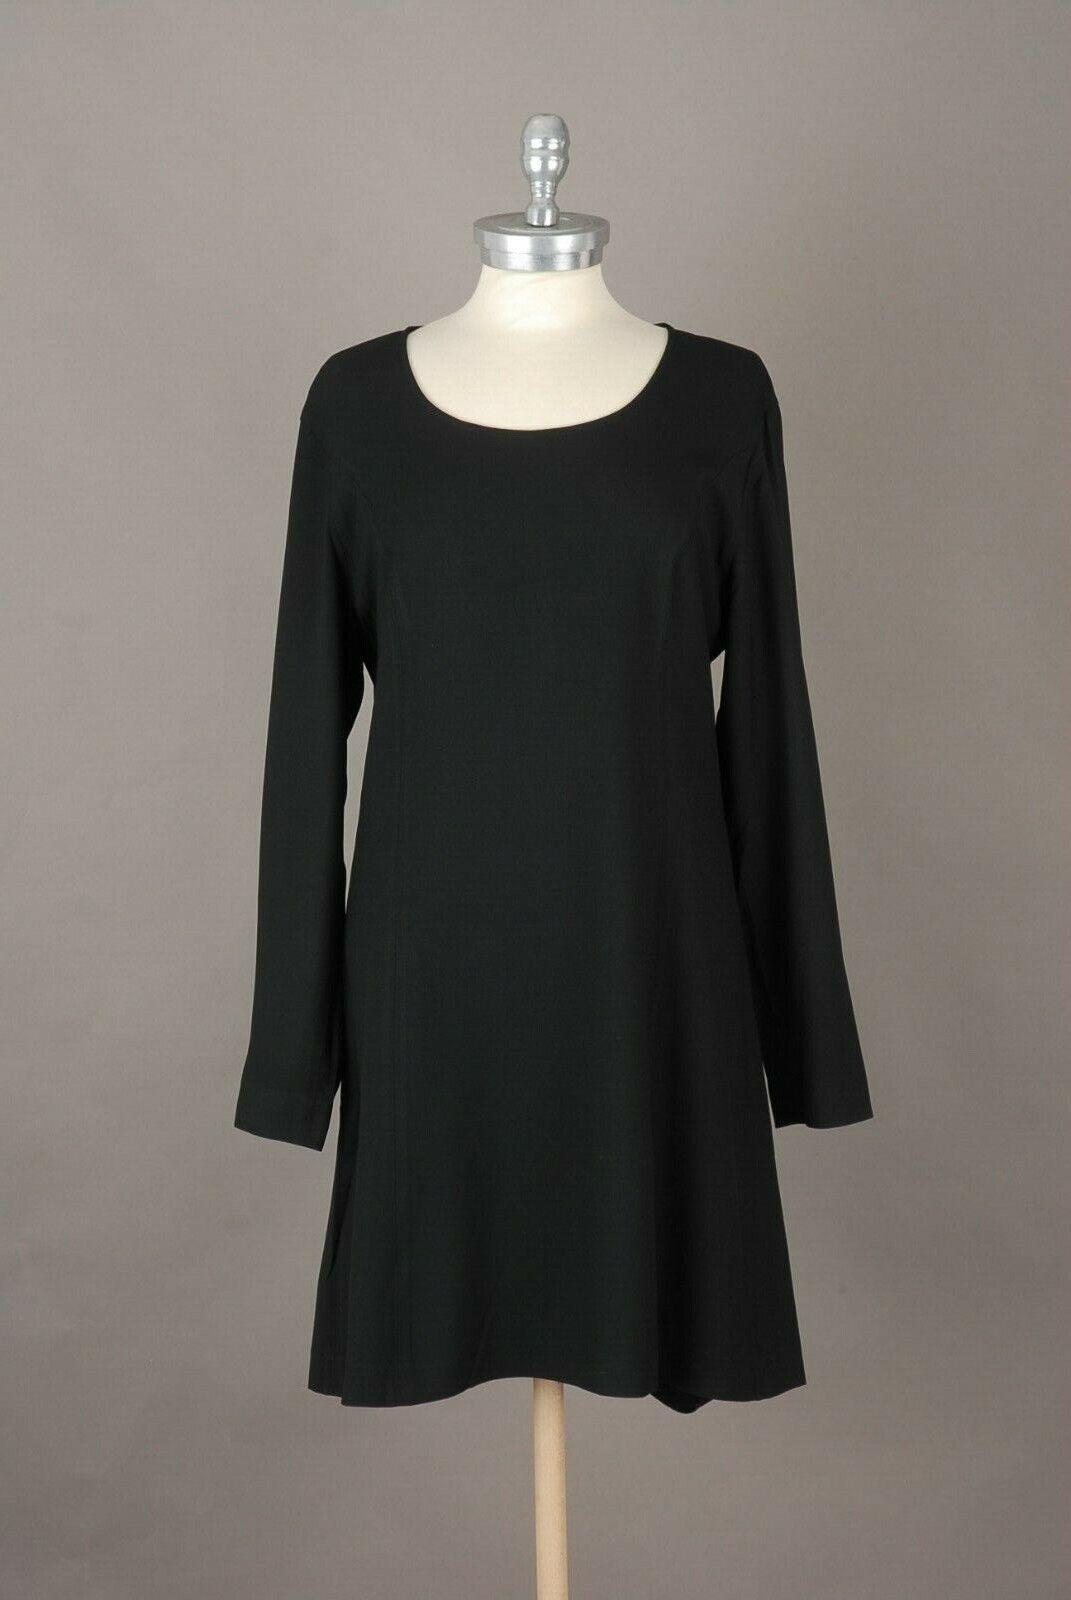 2908   CLAUDE MONTANA   Vintage DaMänner Kleid   Größe 38 (Italienische 42)